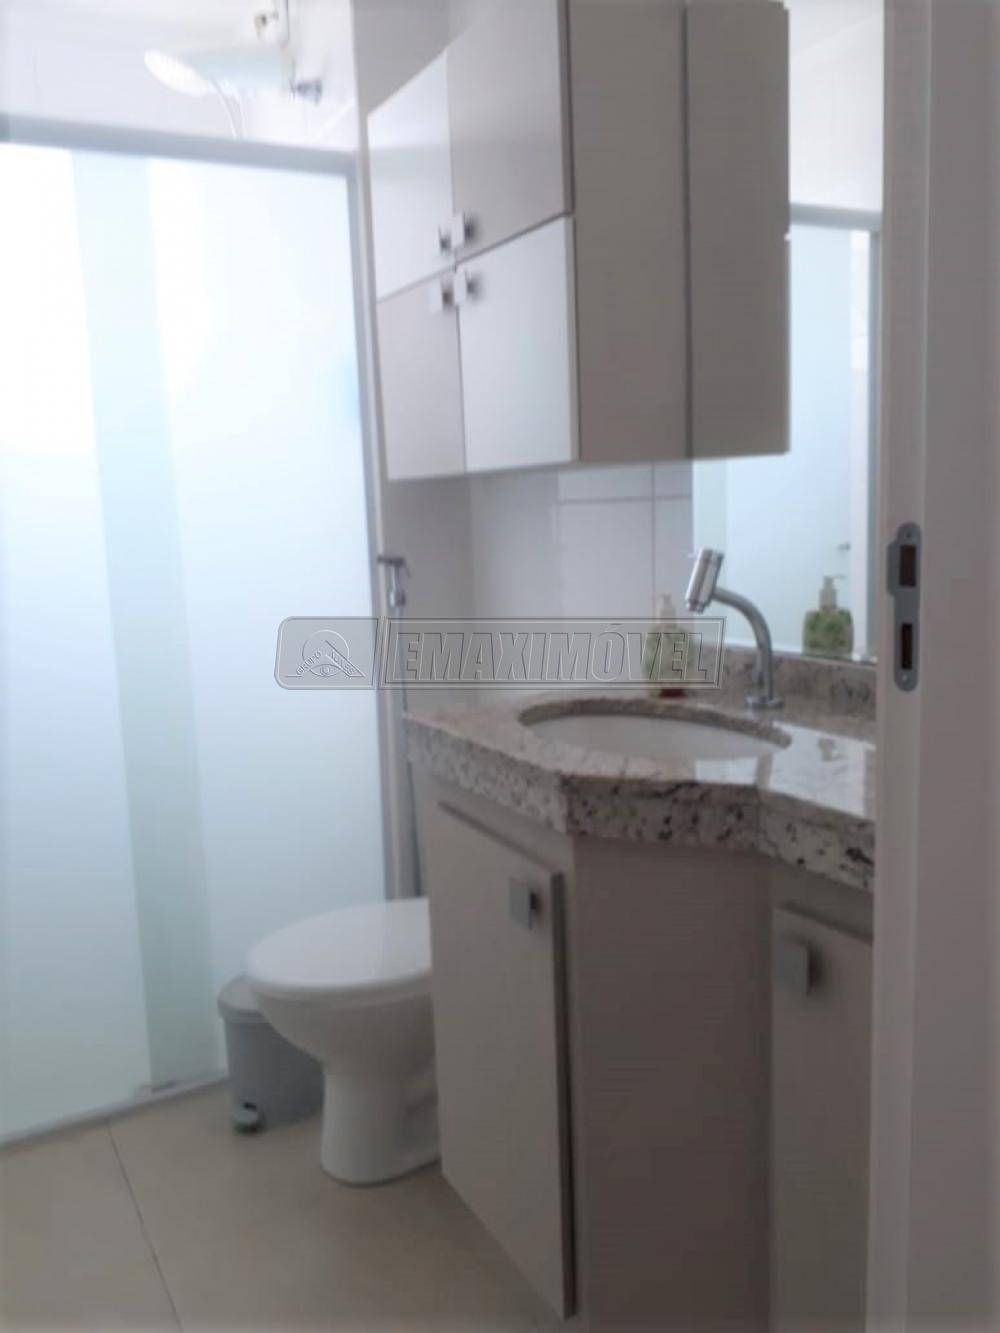 Comprar Apartamento / Padrão em Sorocaba R$ 348.000,00 - Foto 9